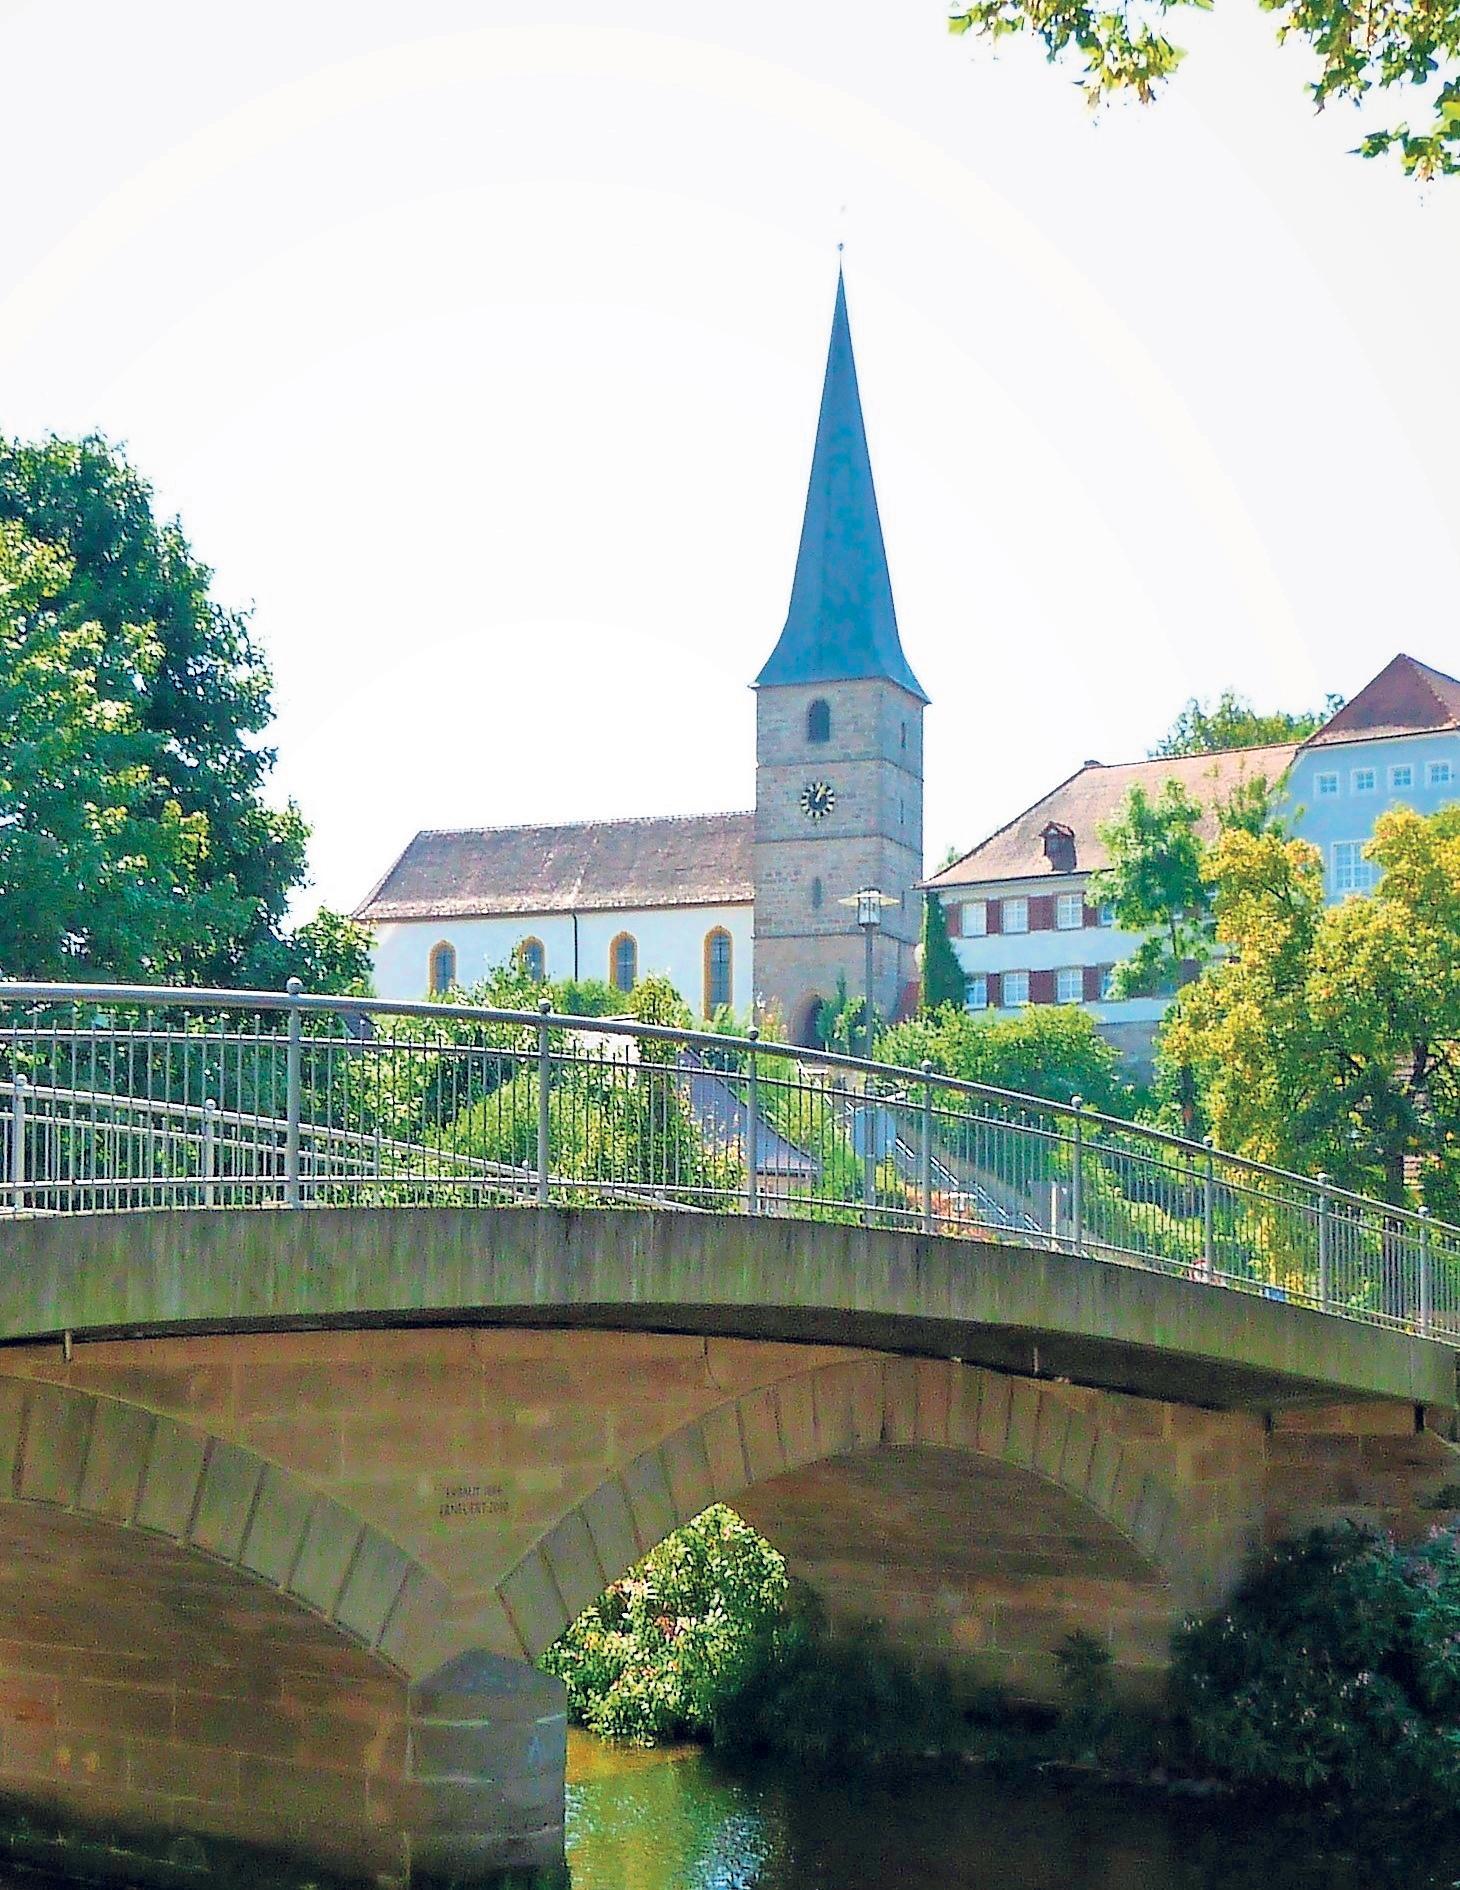 Das Wahrzeichen Lanzendorfs: die St.-Gallus-Kirche. Ihr zu Ehren wird in den kommenden Tagen Kerwa gefeiert.